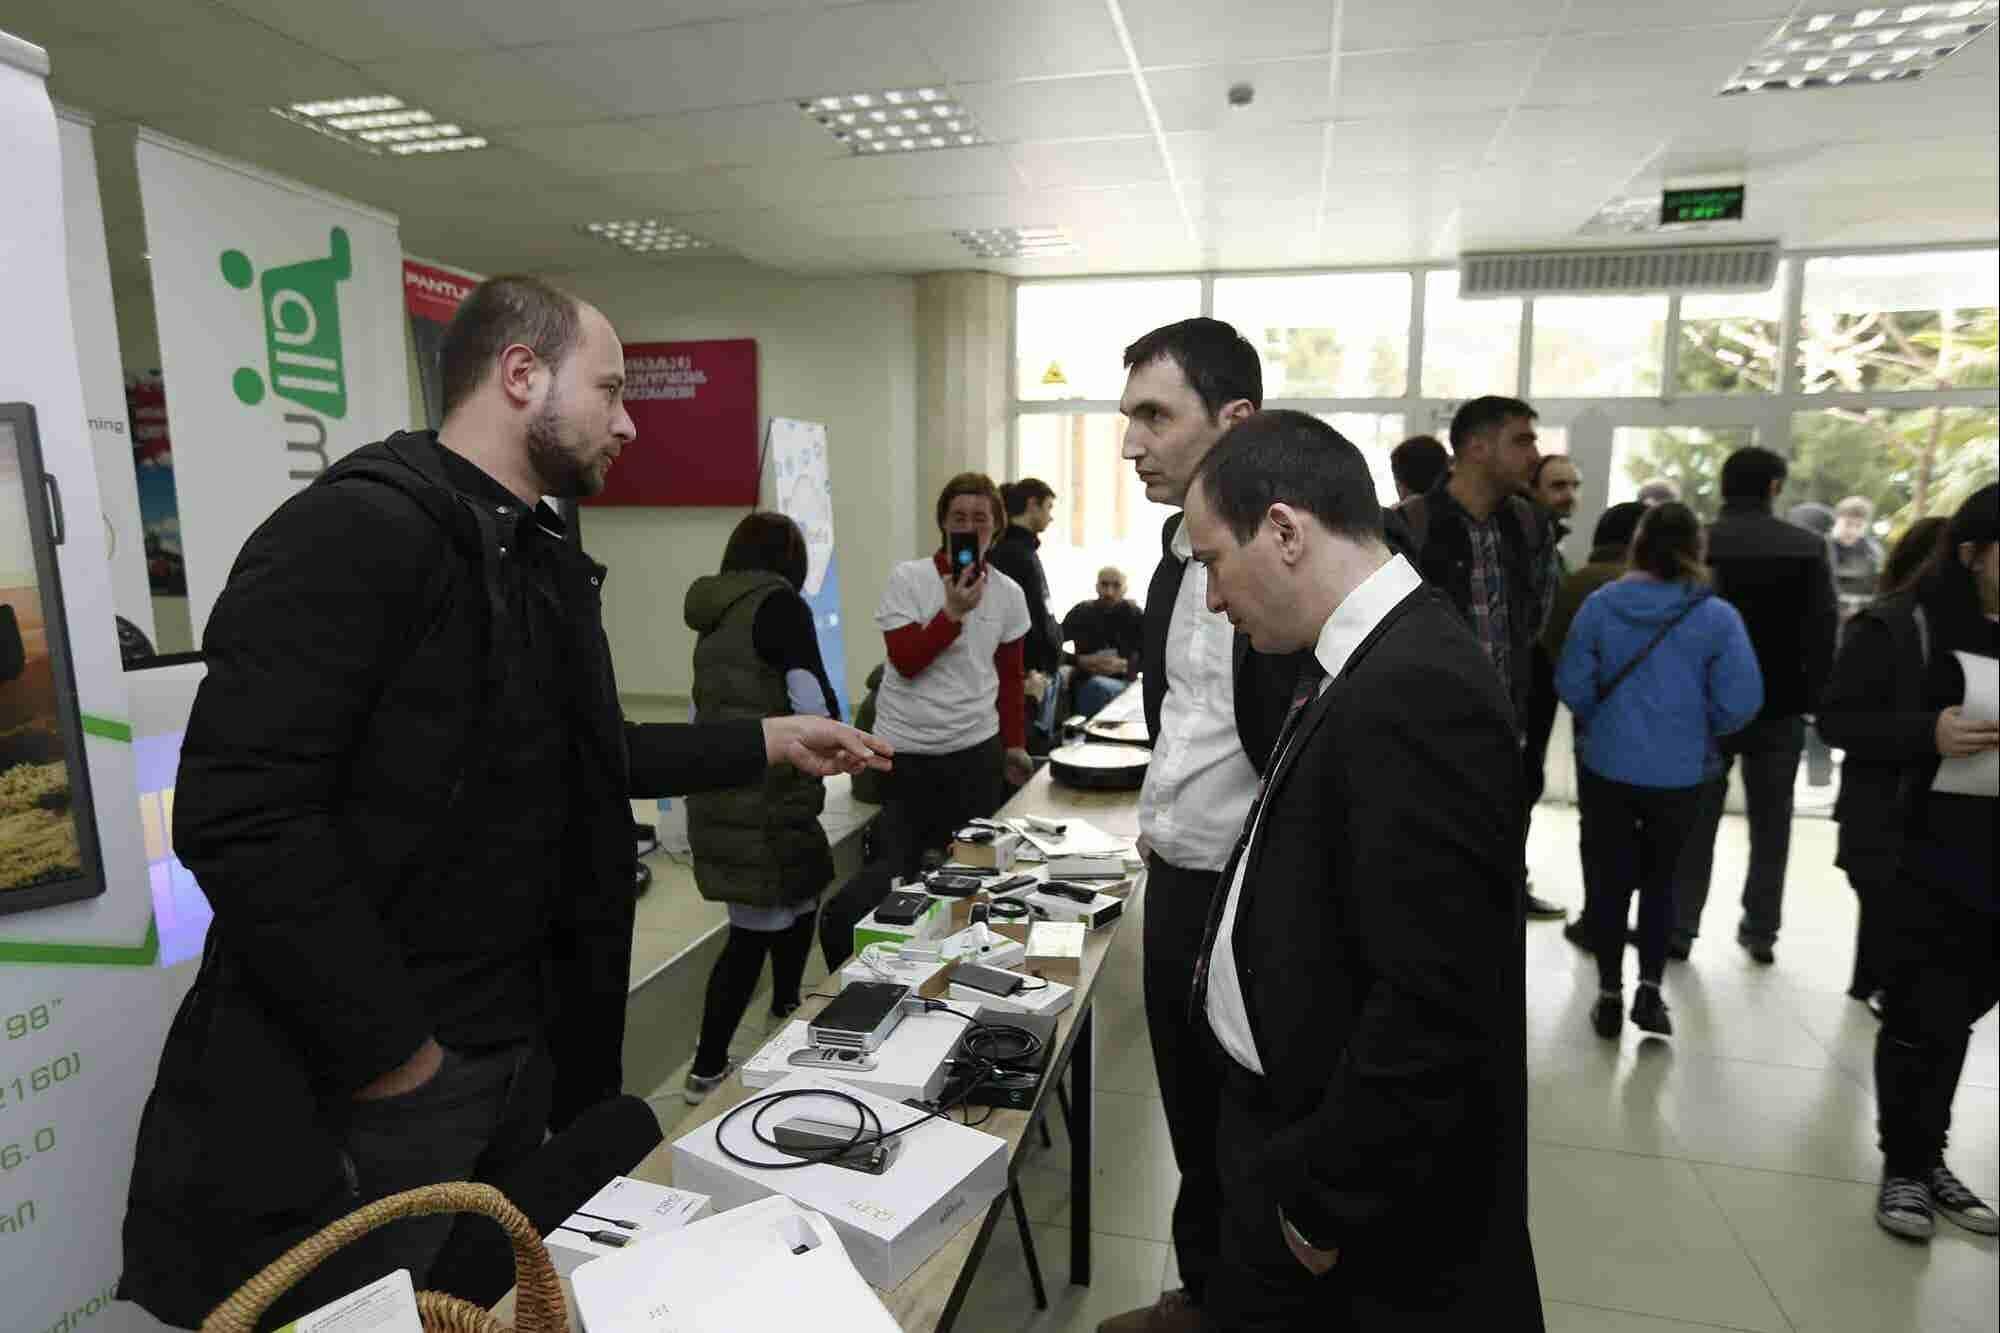 ტექნოლოგიების ყოველწლიური ფესტივალი სილიკონ ველი თბილისში